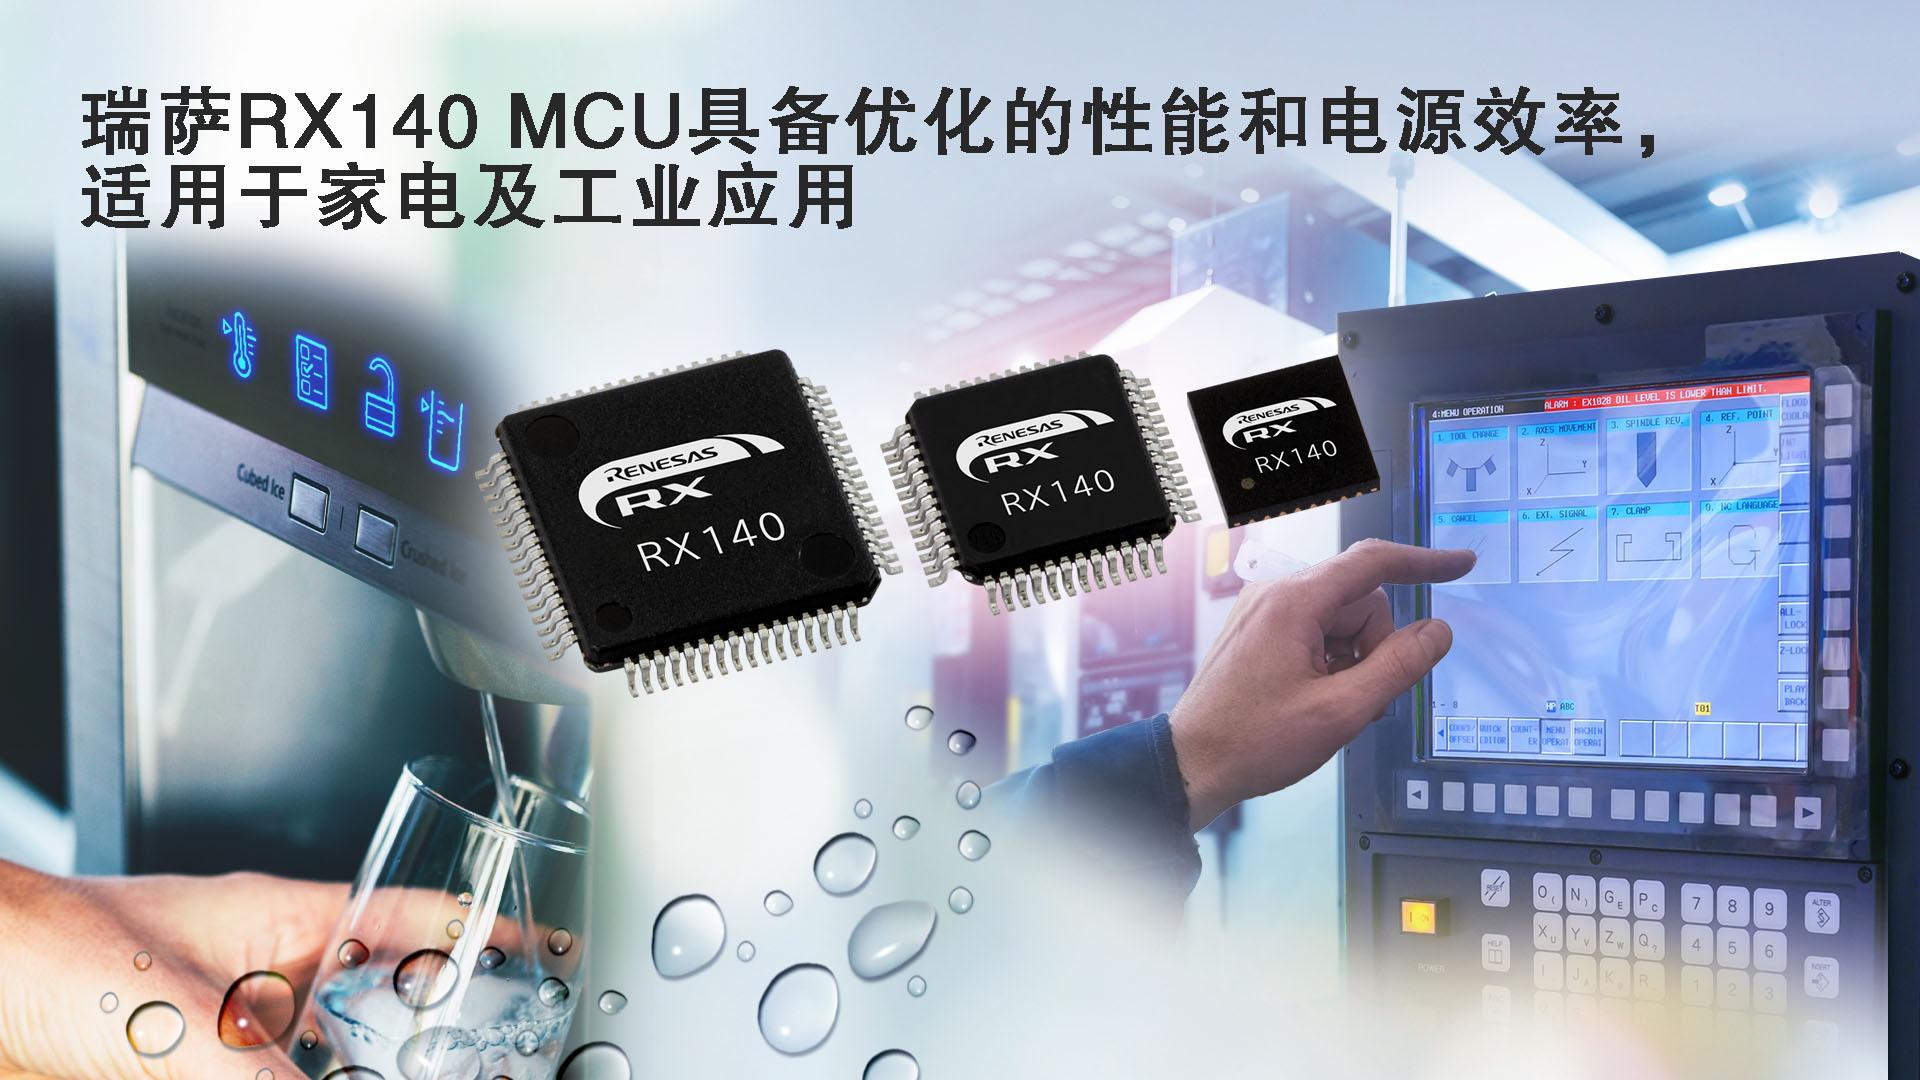 瑞萨电子推出全新RX140 MCU为家居与工业应用带来双倍性能和30%以上的电源效率提升